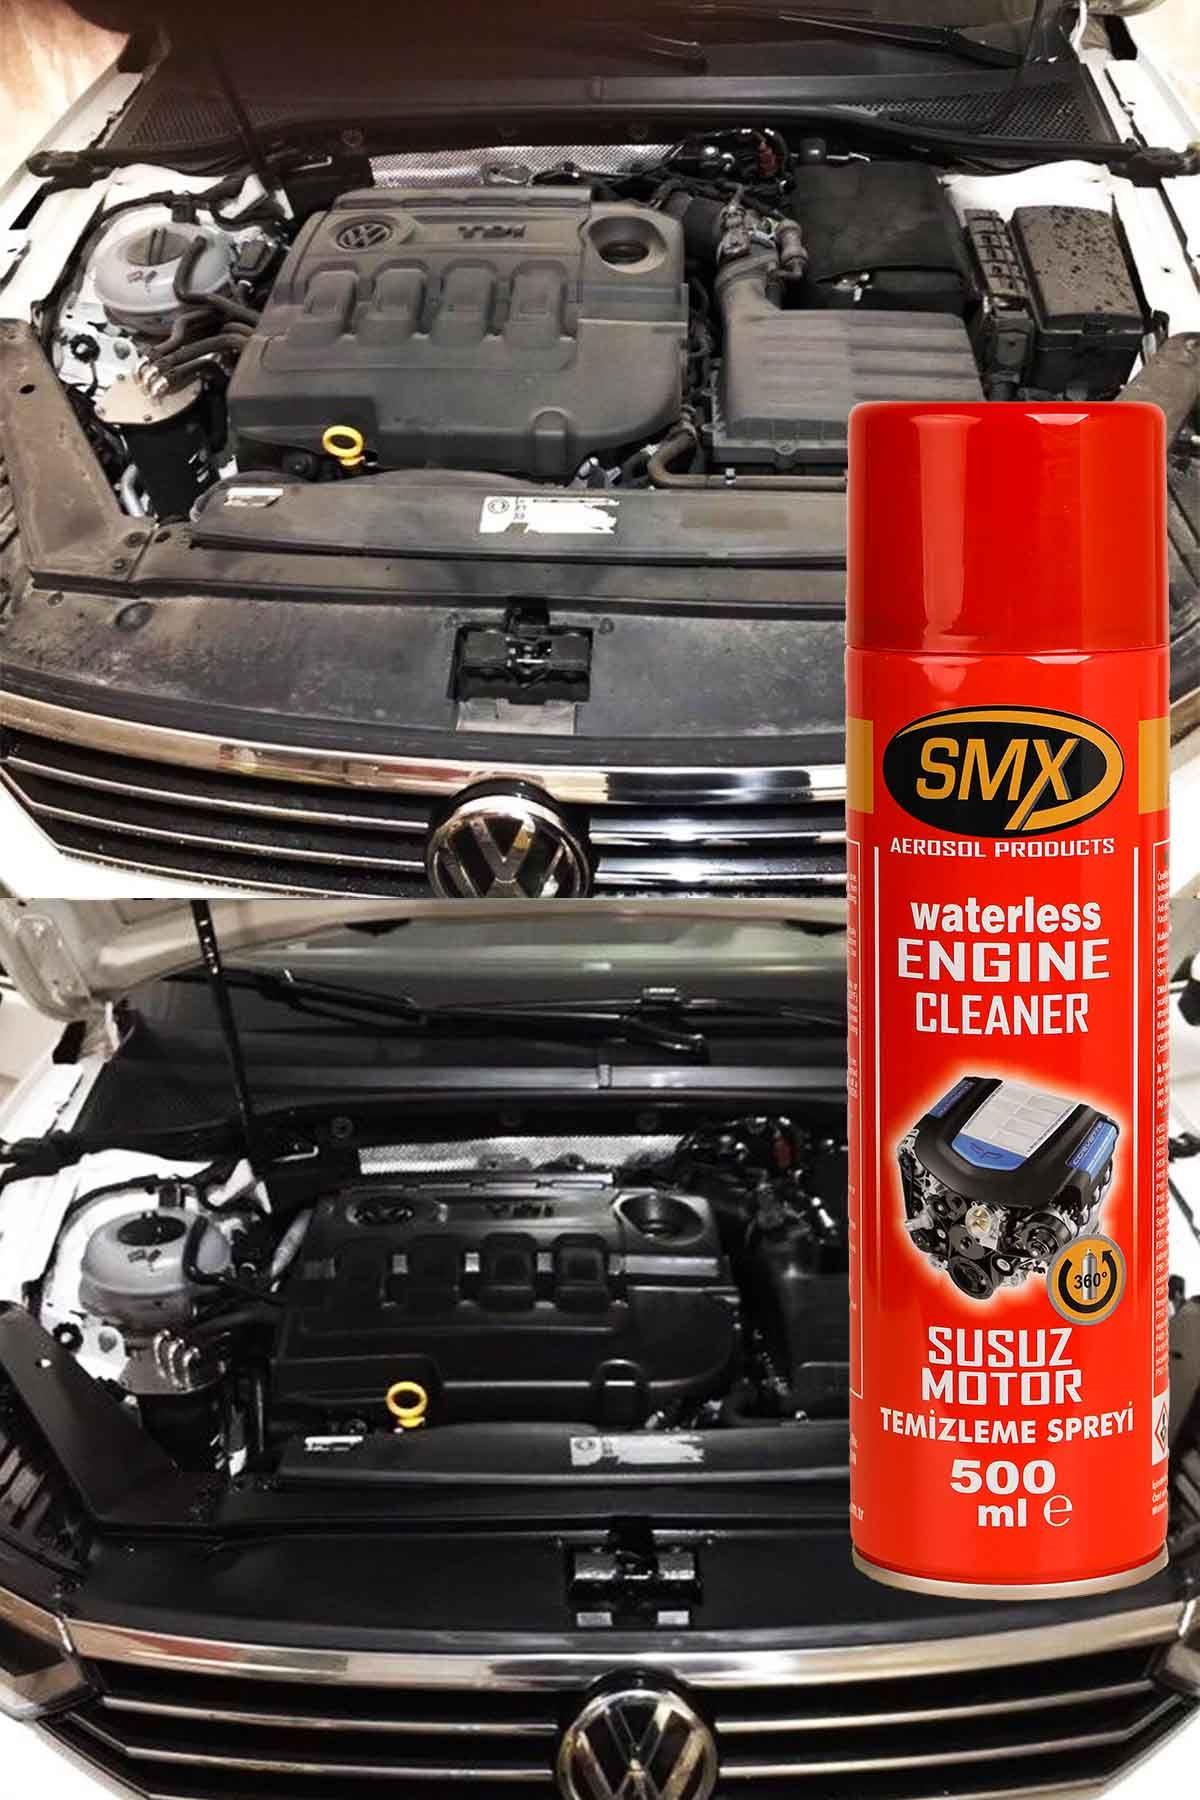 SMX Genel Amaçlı Temizlik Ürünü 2 Adet / Susuz Motor Temizleme Spreyi